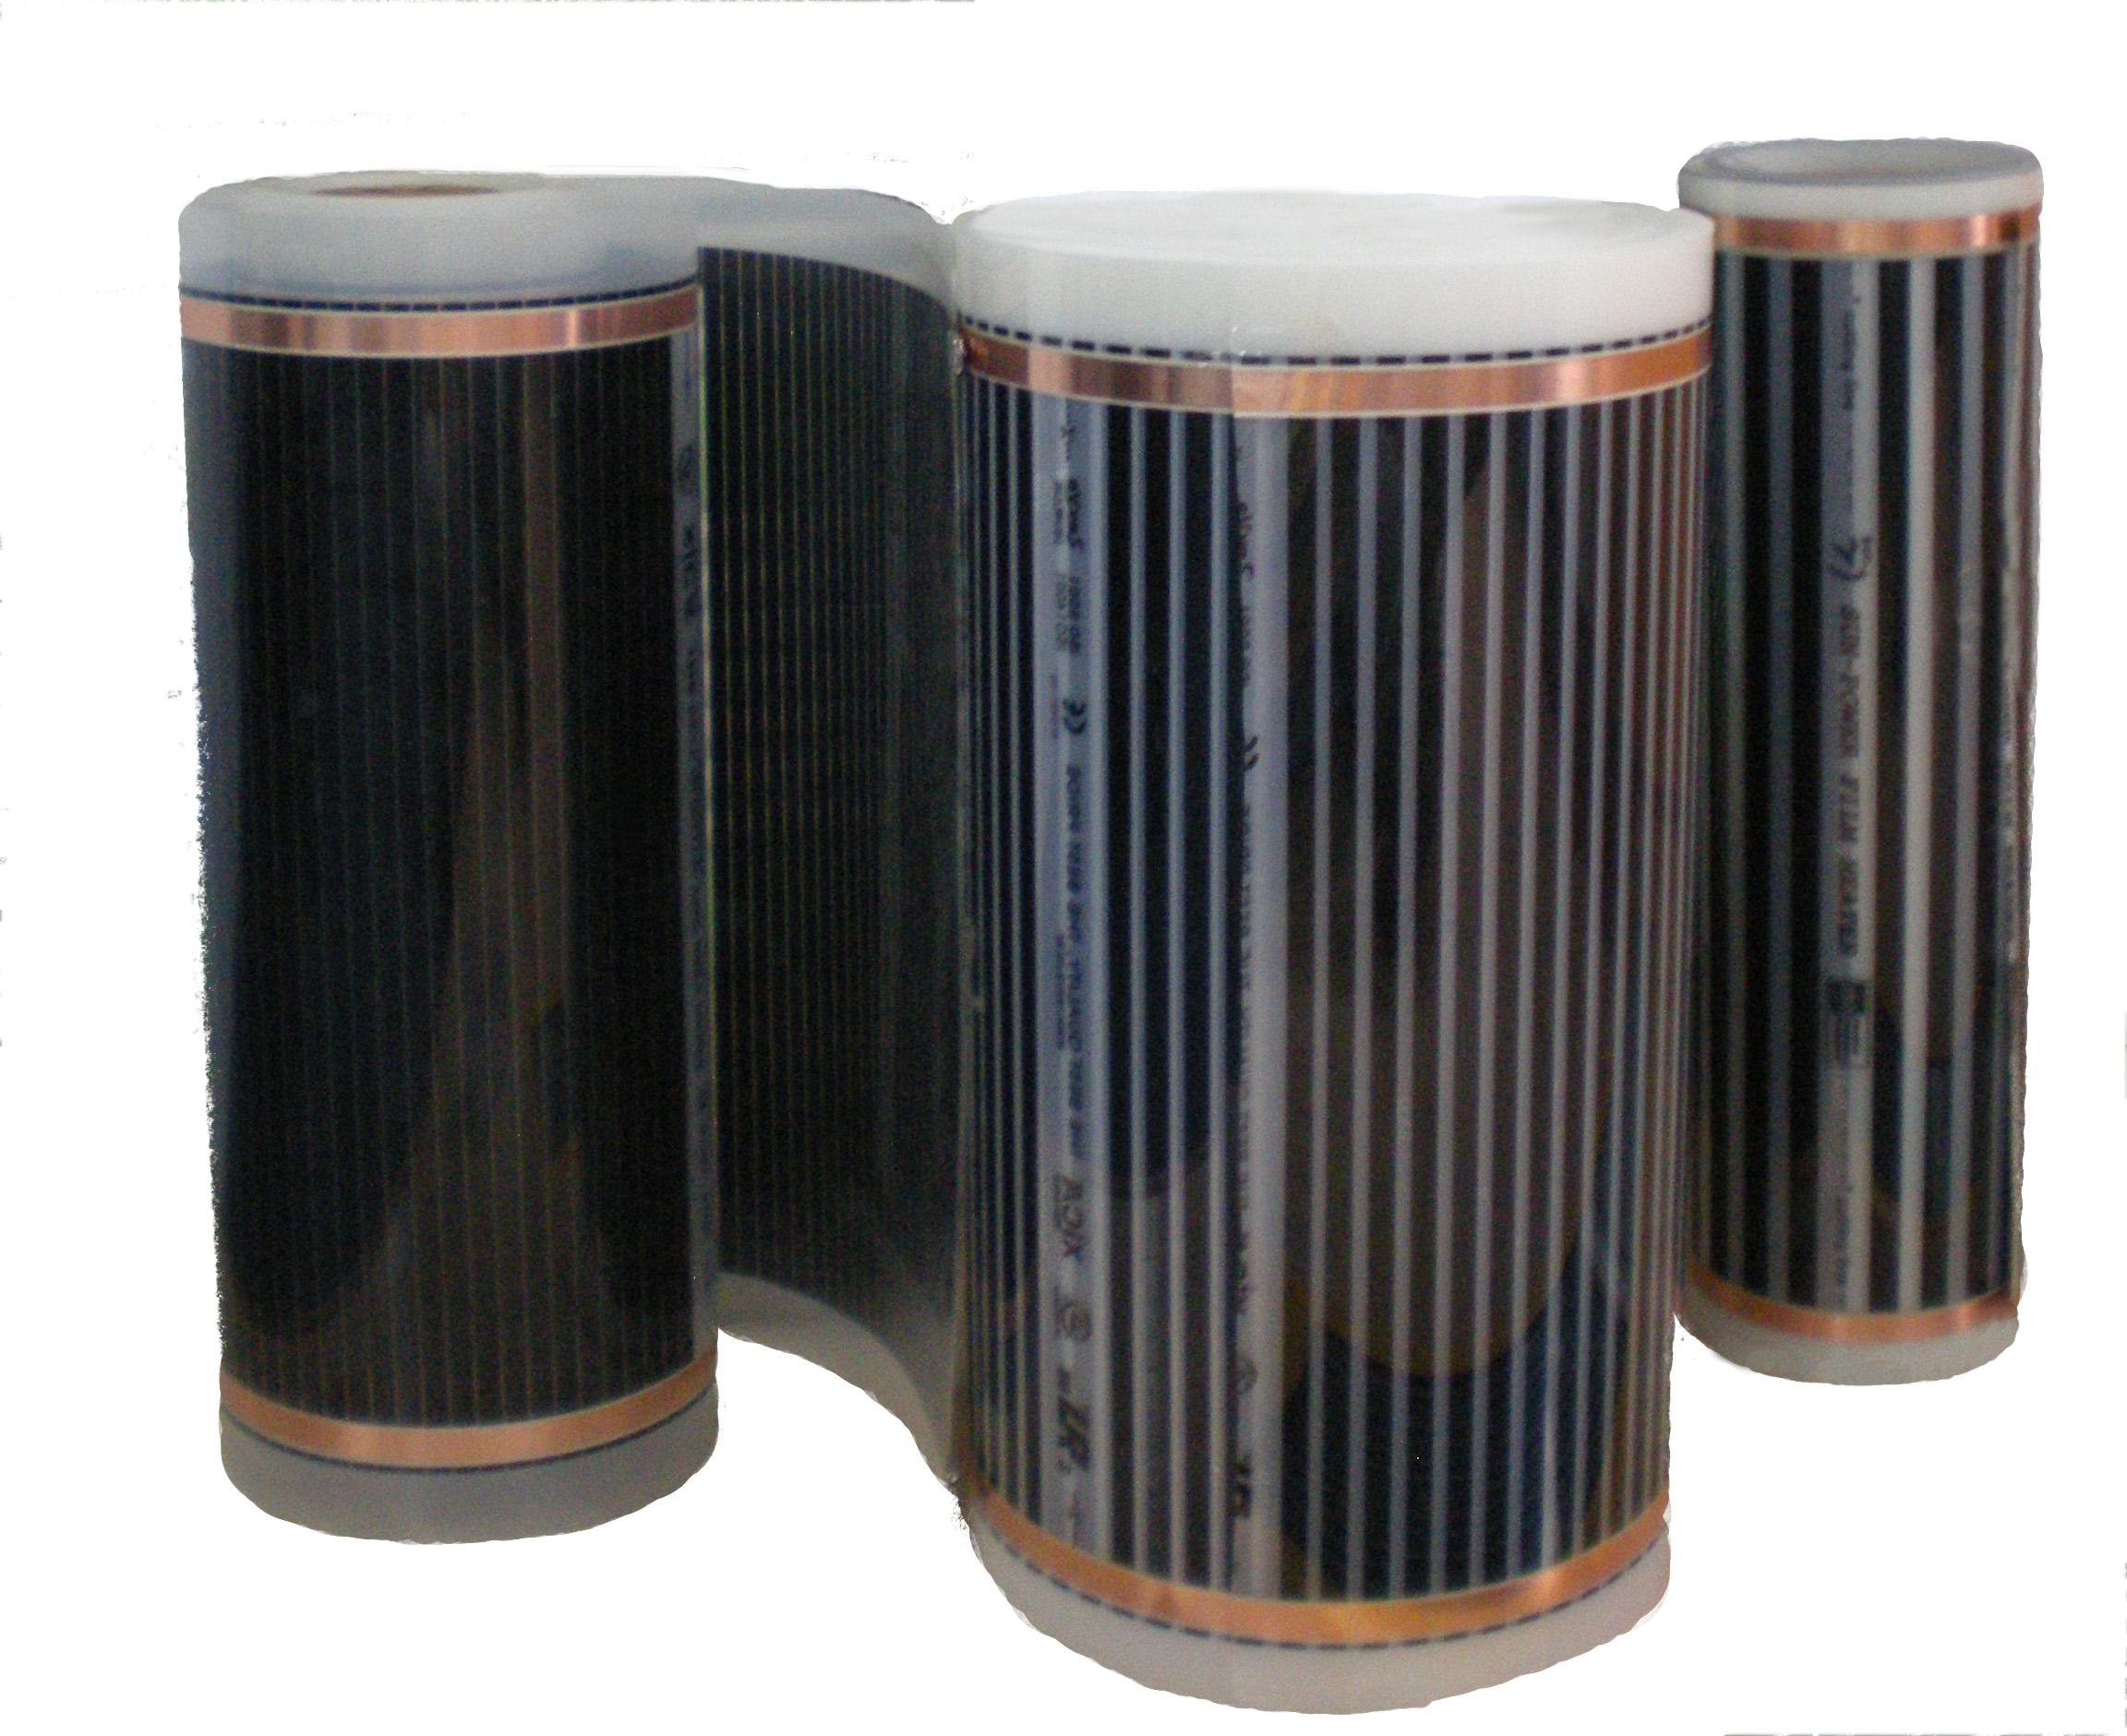 铜箔胶带-铜箔胶带货源/供应_一呼百应